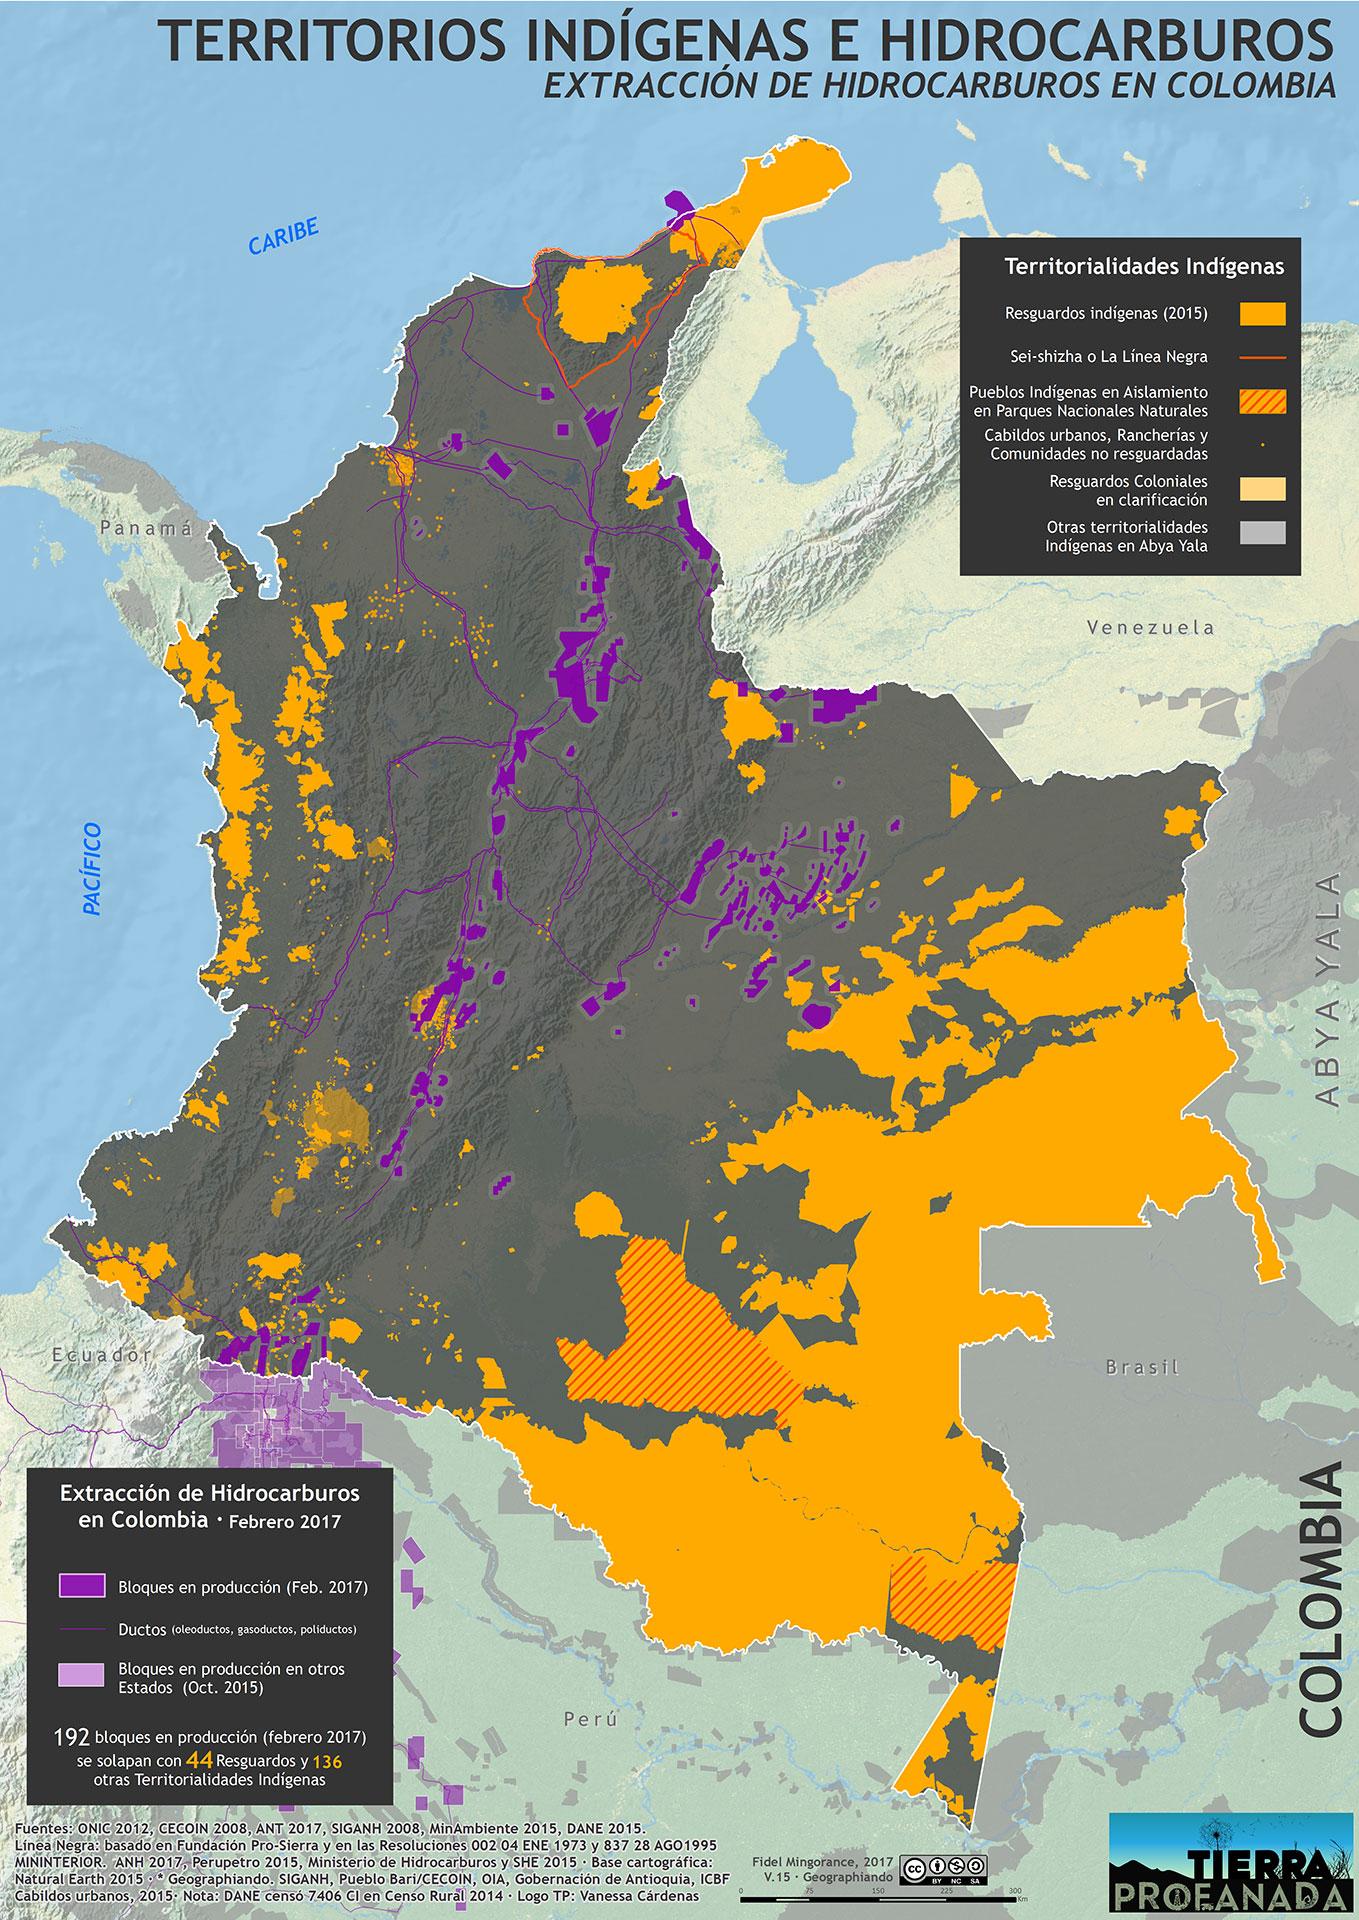 Territorios Indigenas y extraccion de hidrocarburos (2017)